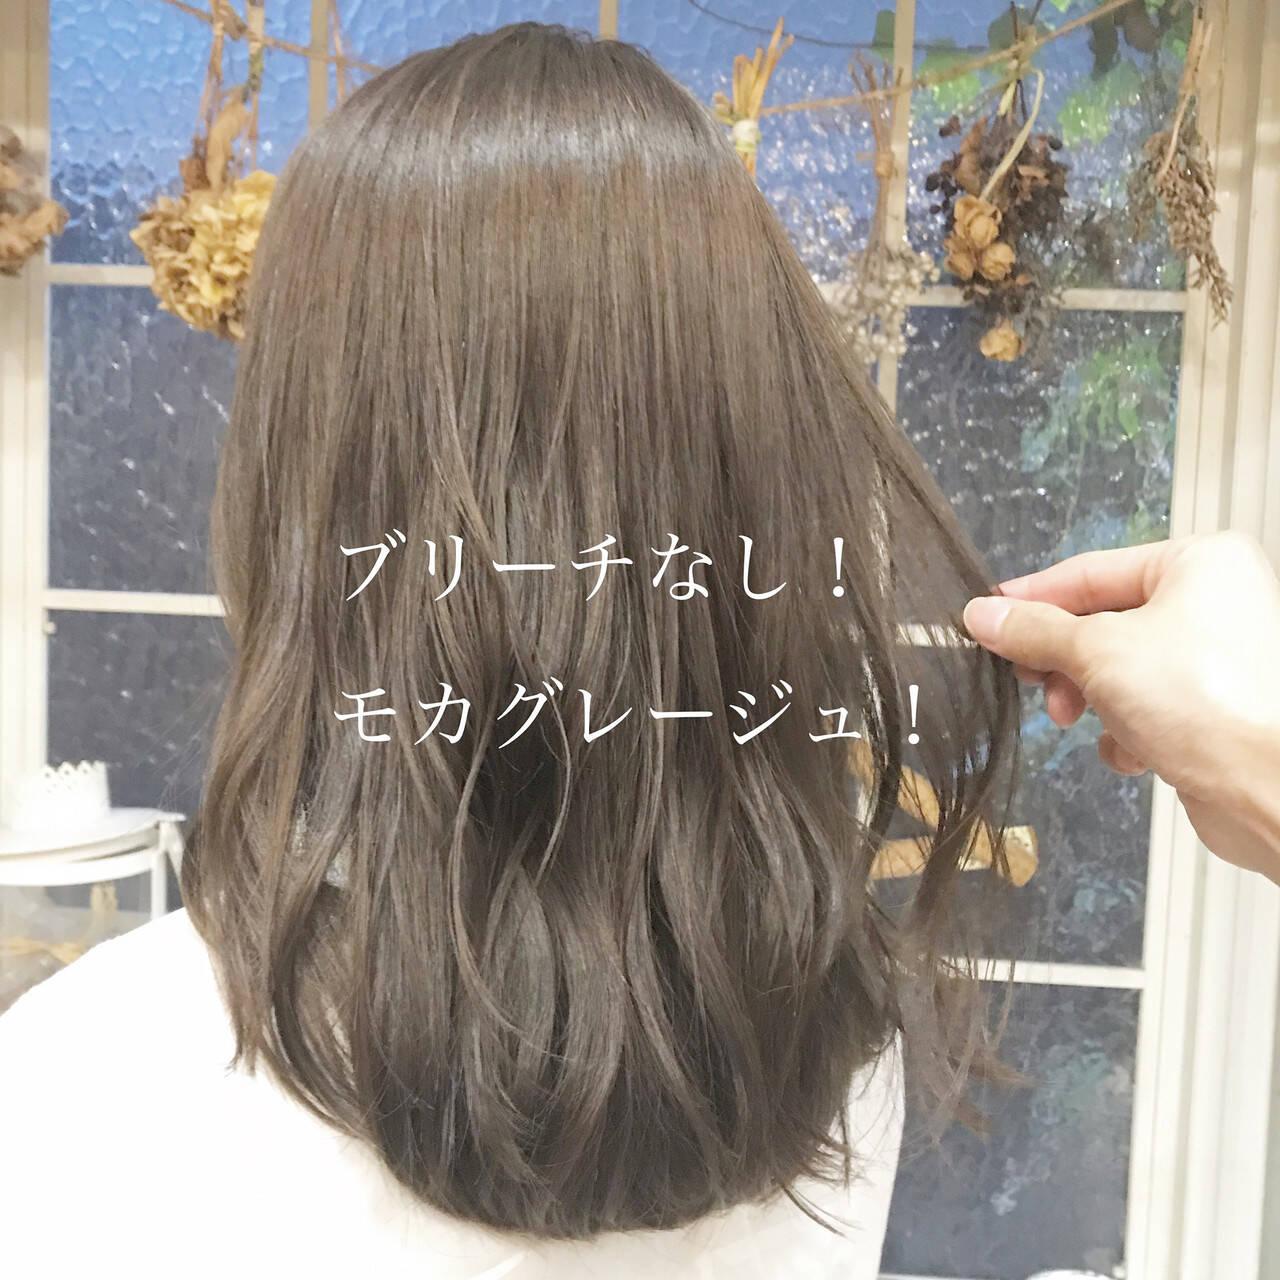 ヘアカラー ブリーチなし ベージュ ナチュラルヘアスタイルや髪型の写真・画像